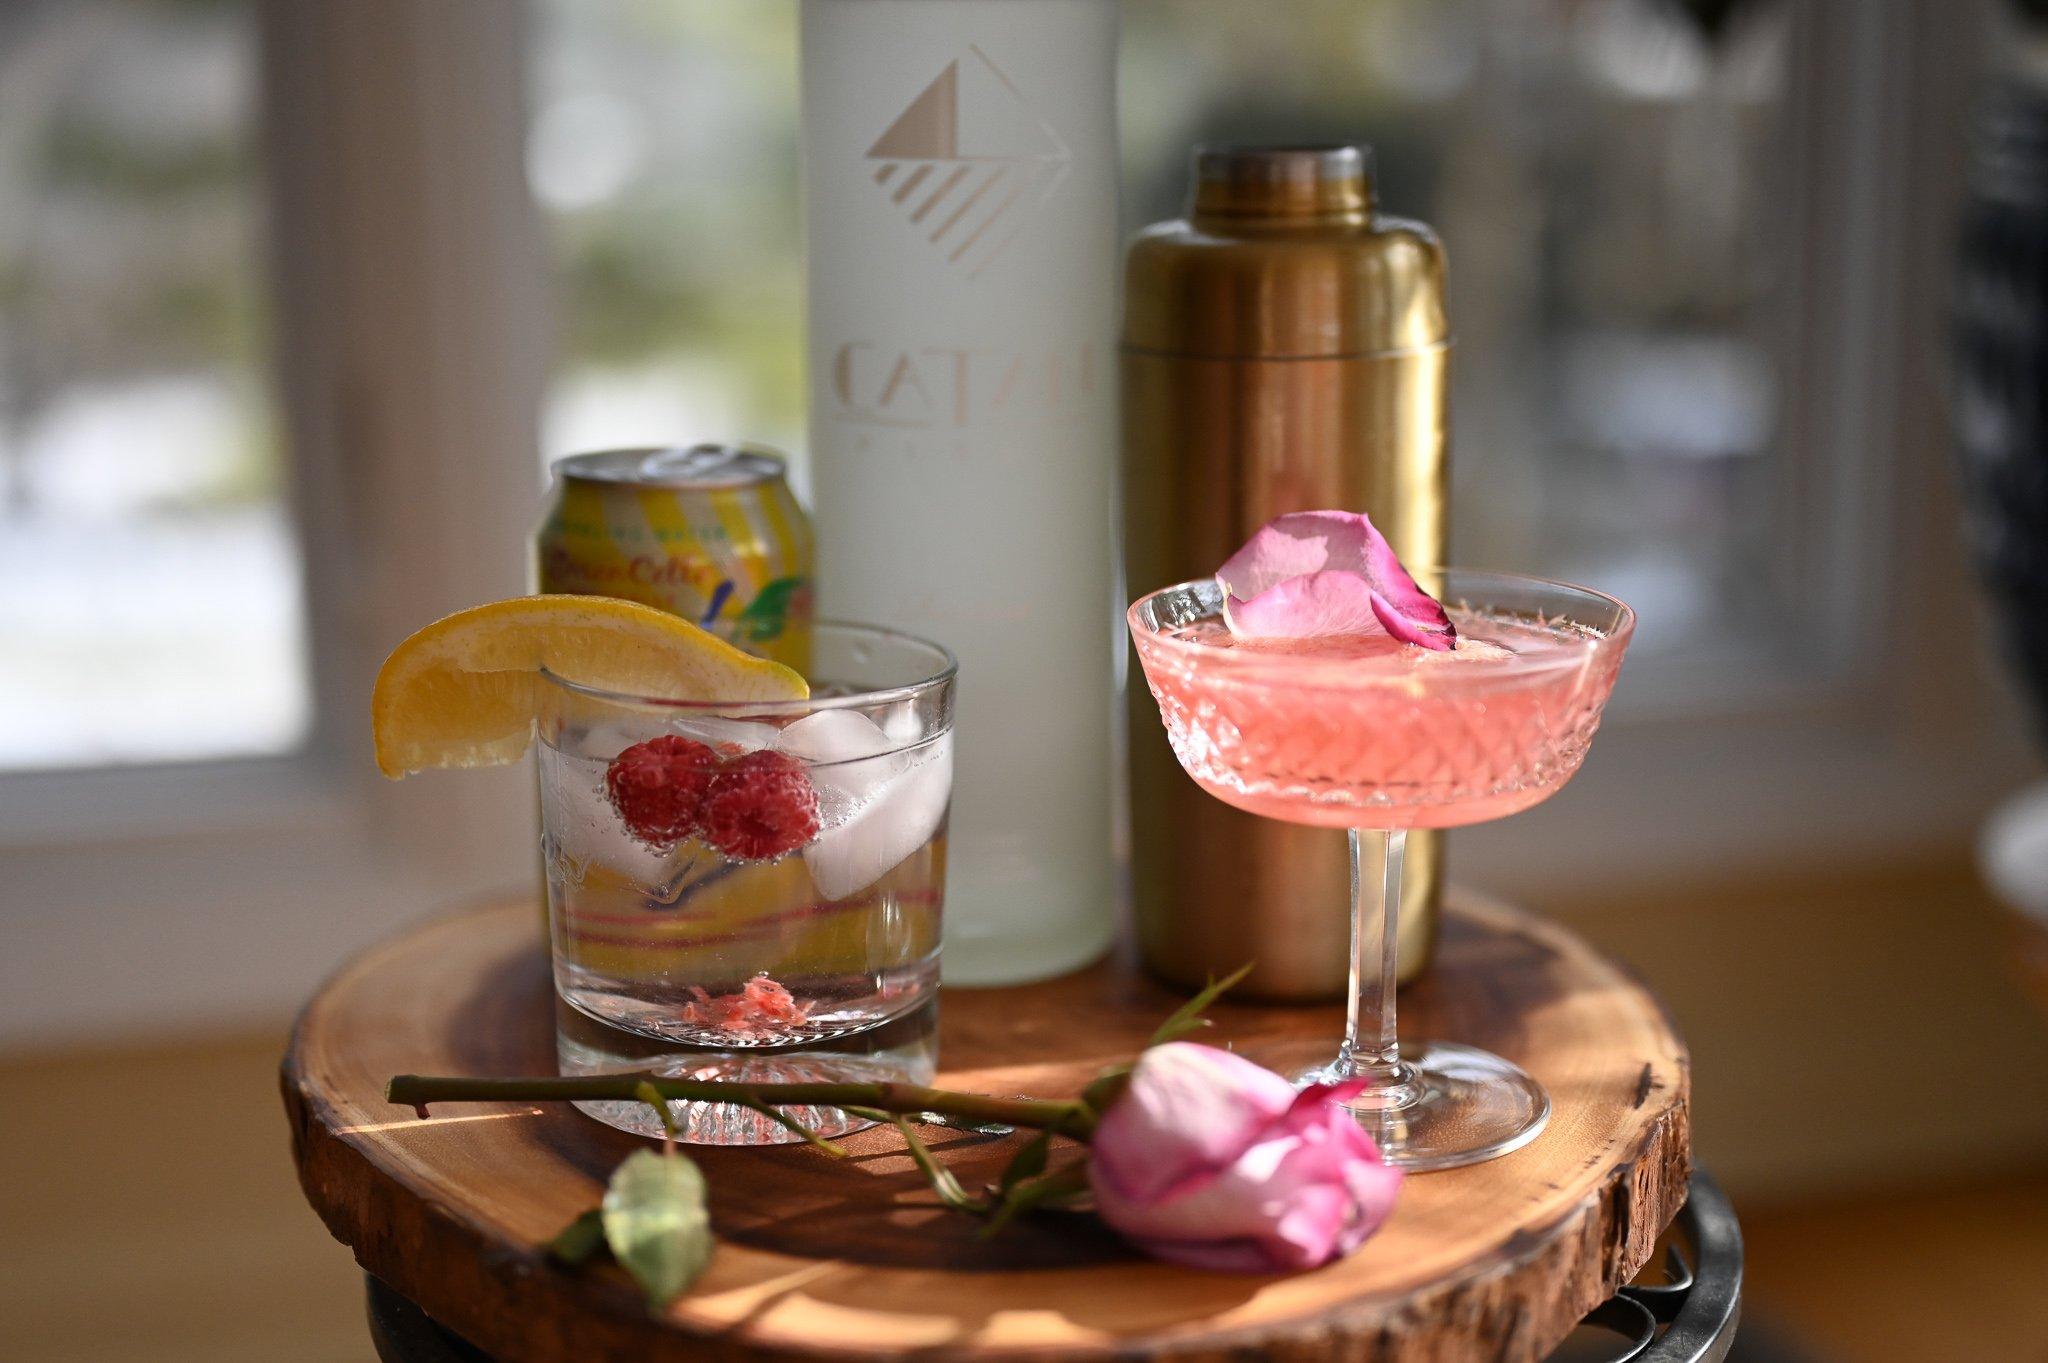 Cocktails and Mocktails I've been Making at Home